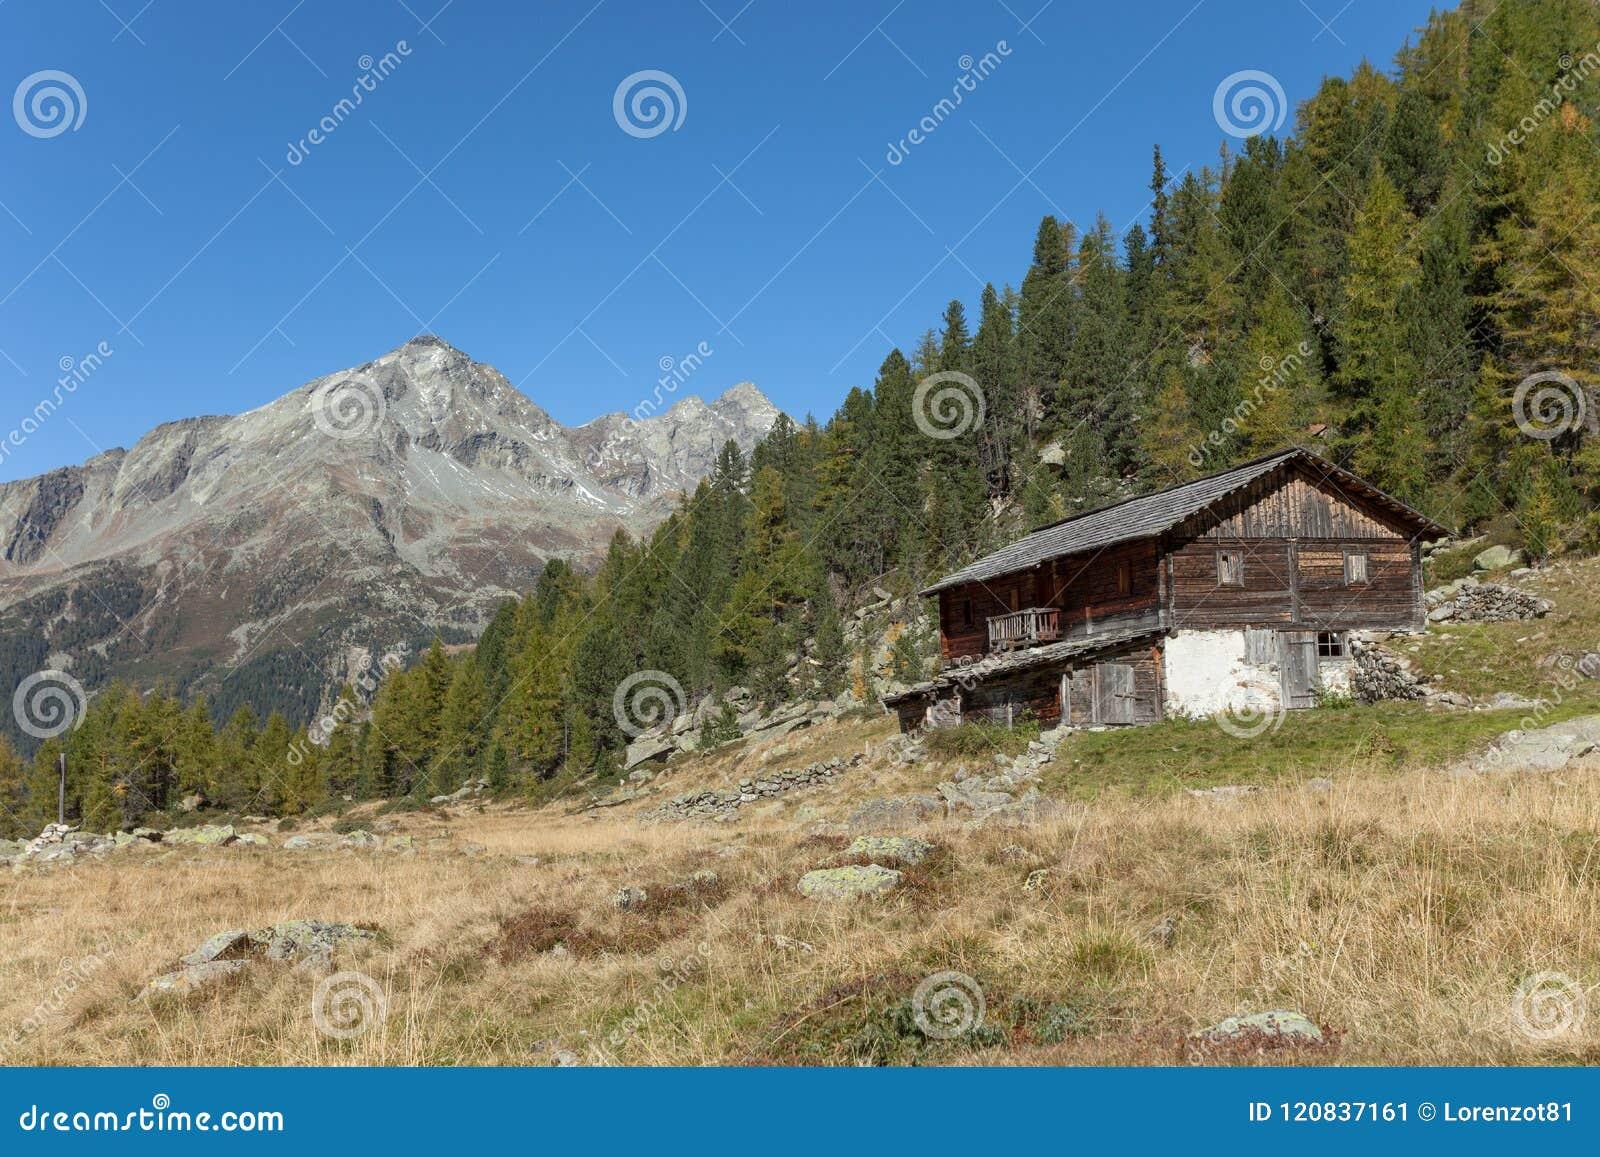 Ένας κλειστός σταύλος στην πτώση μπροστά από ένα λιβάδι βουνών